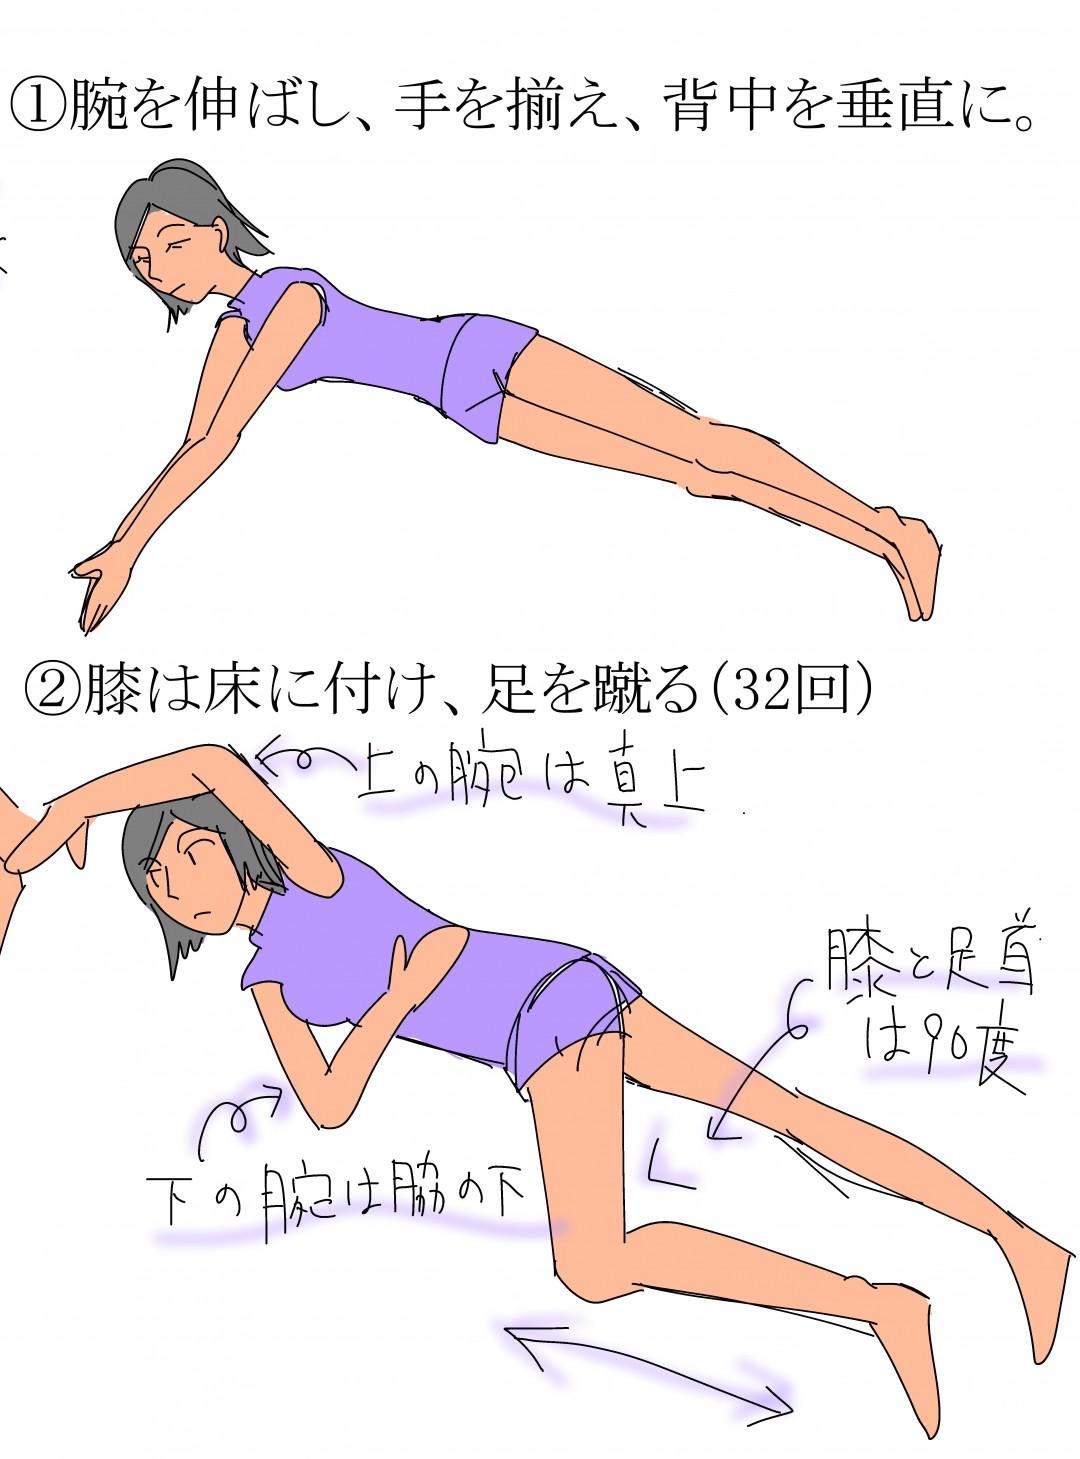 シェー体操